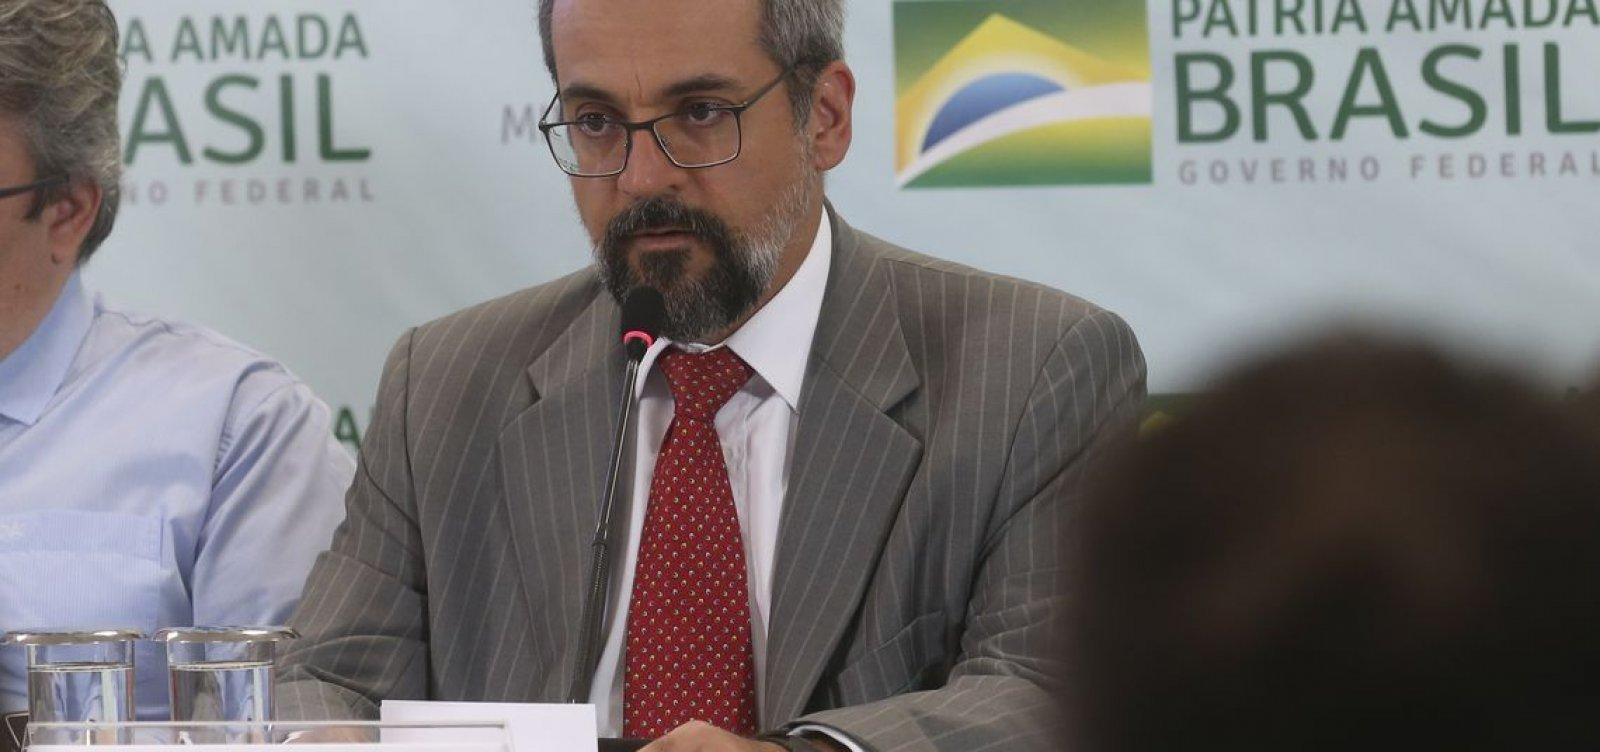 [Corte de R$ 926 milhões na Educação foi para pagar emendas, diz Weintraub]